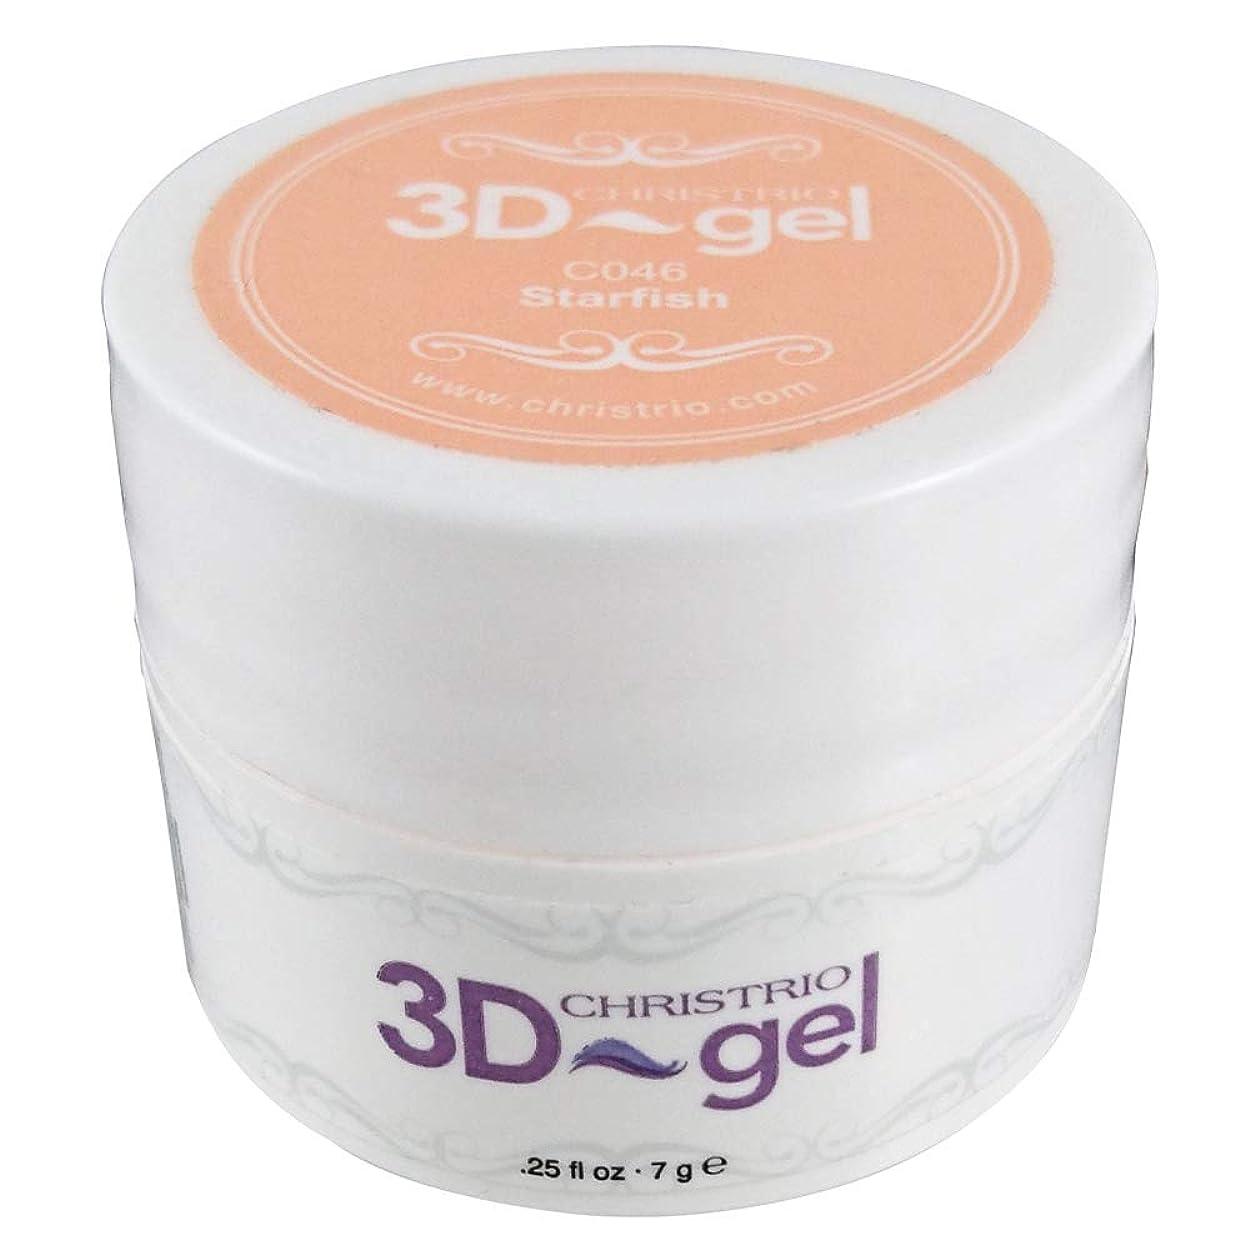 アッパー腐食するタブレットCHRISTRIO 3Dジェル 7g C046 スターフィッシュ